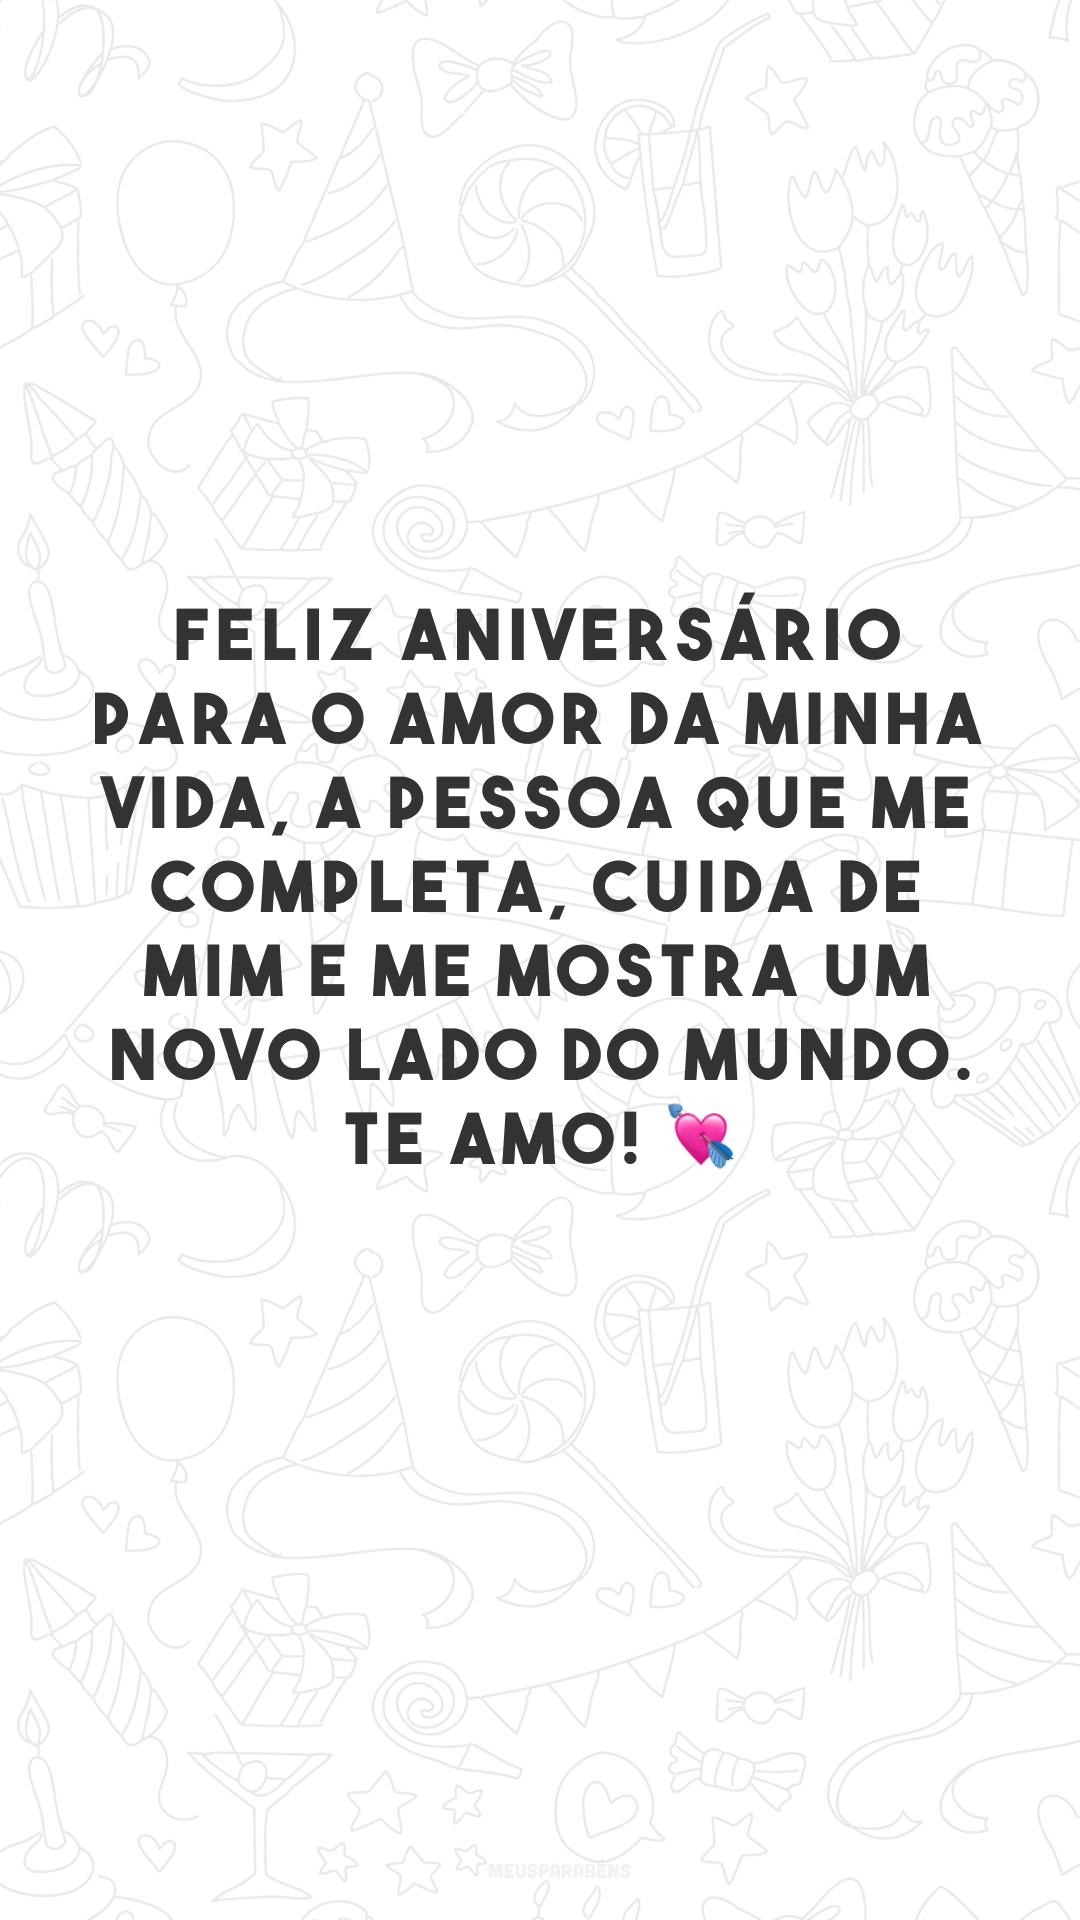 Feliz aniversário para o amor da minha vida, a pessoa que me completa, cuida de mim e me mostra um novo lado do mundo. Te amo! 💘